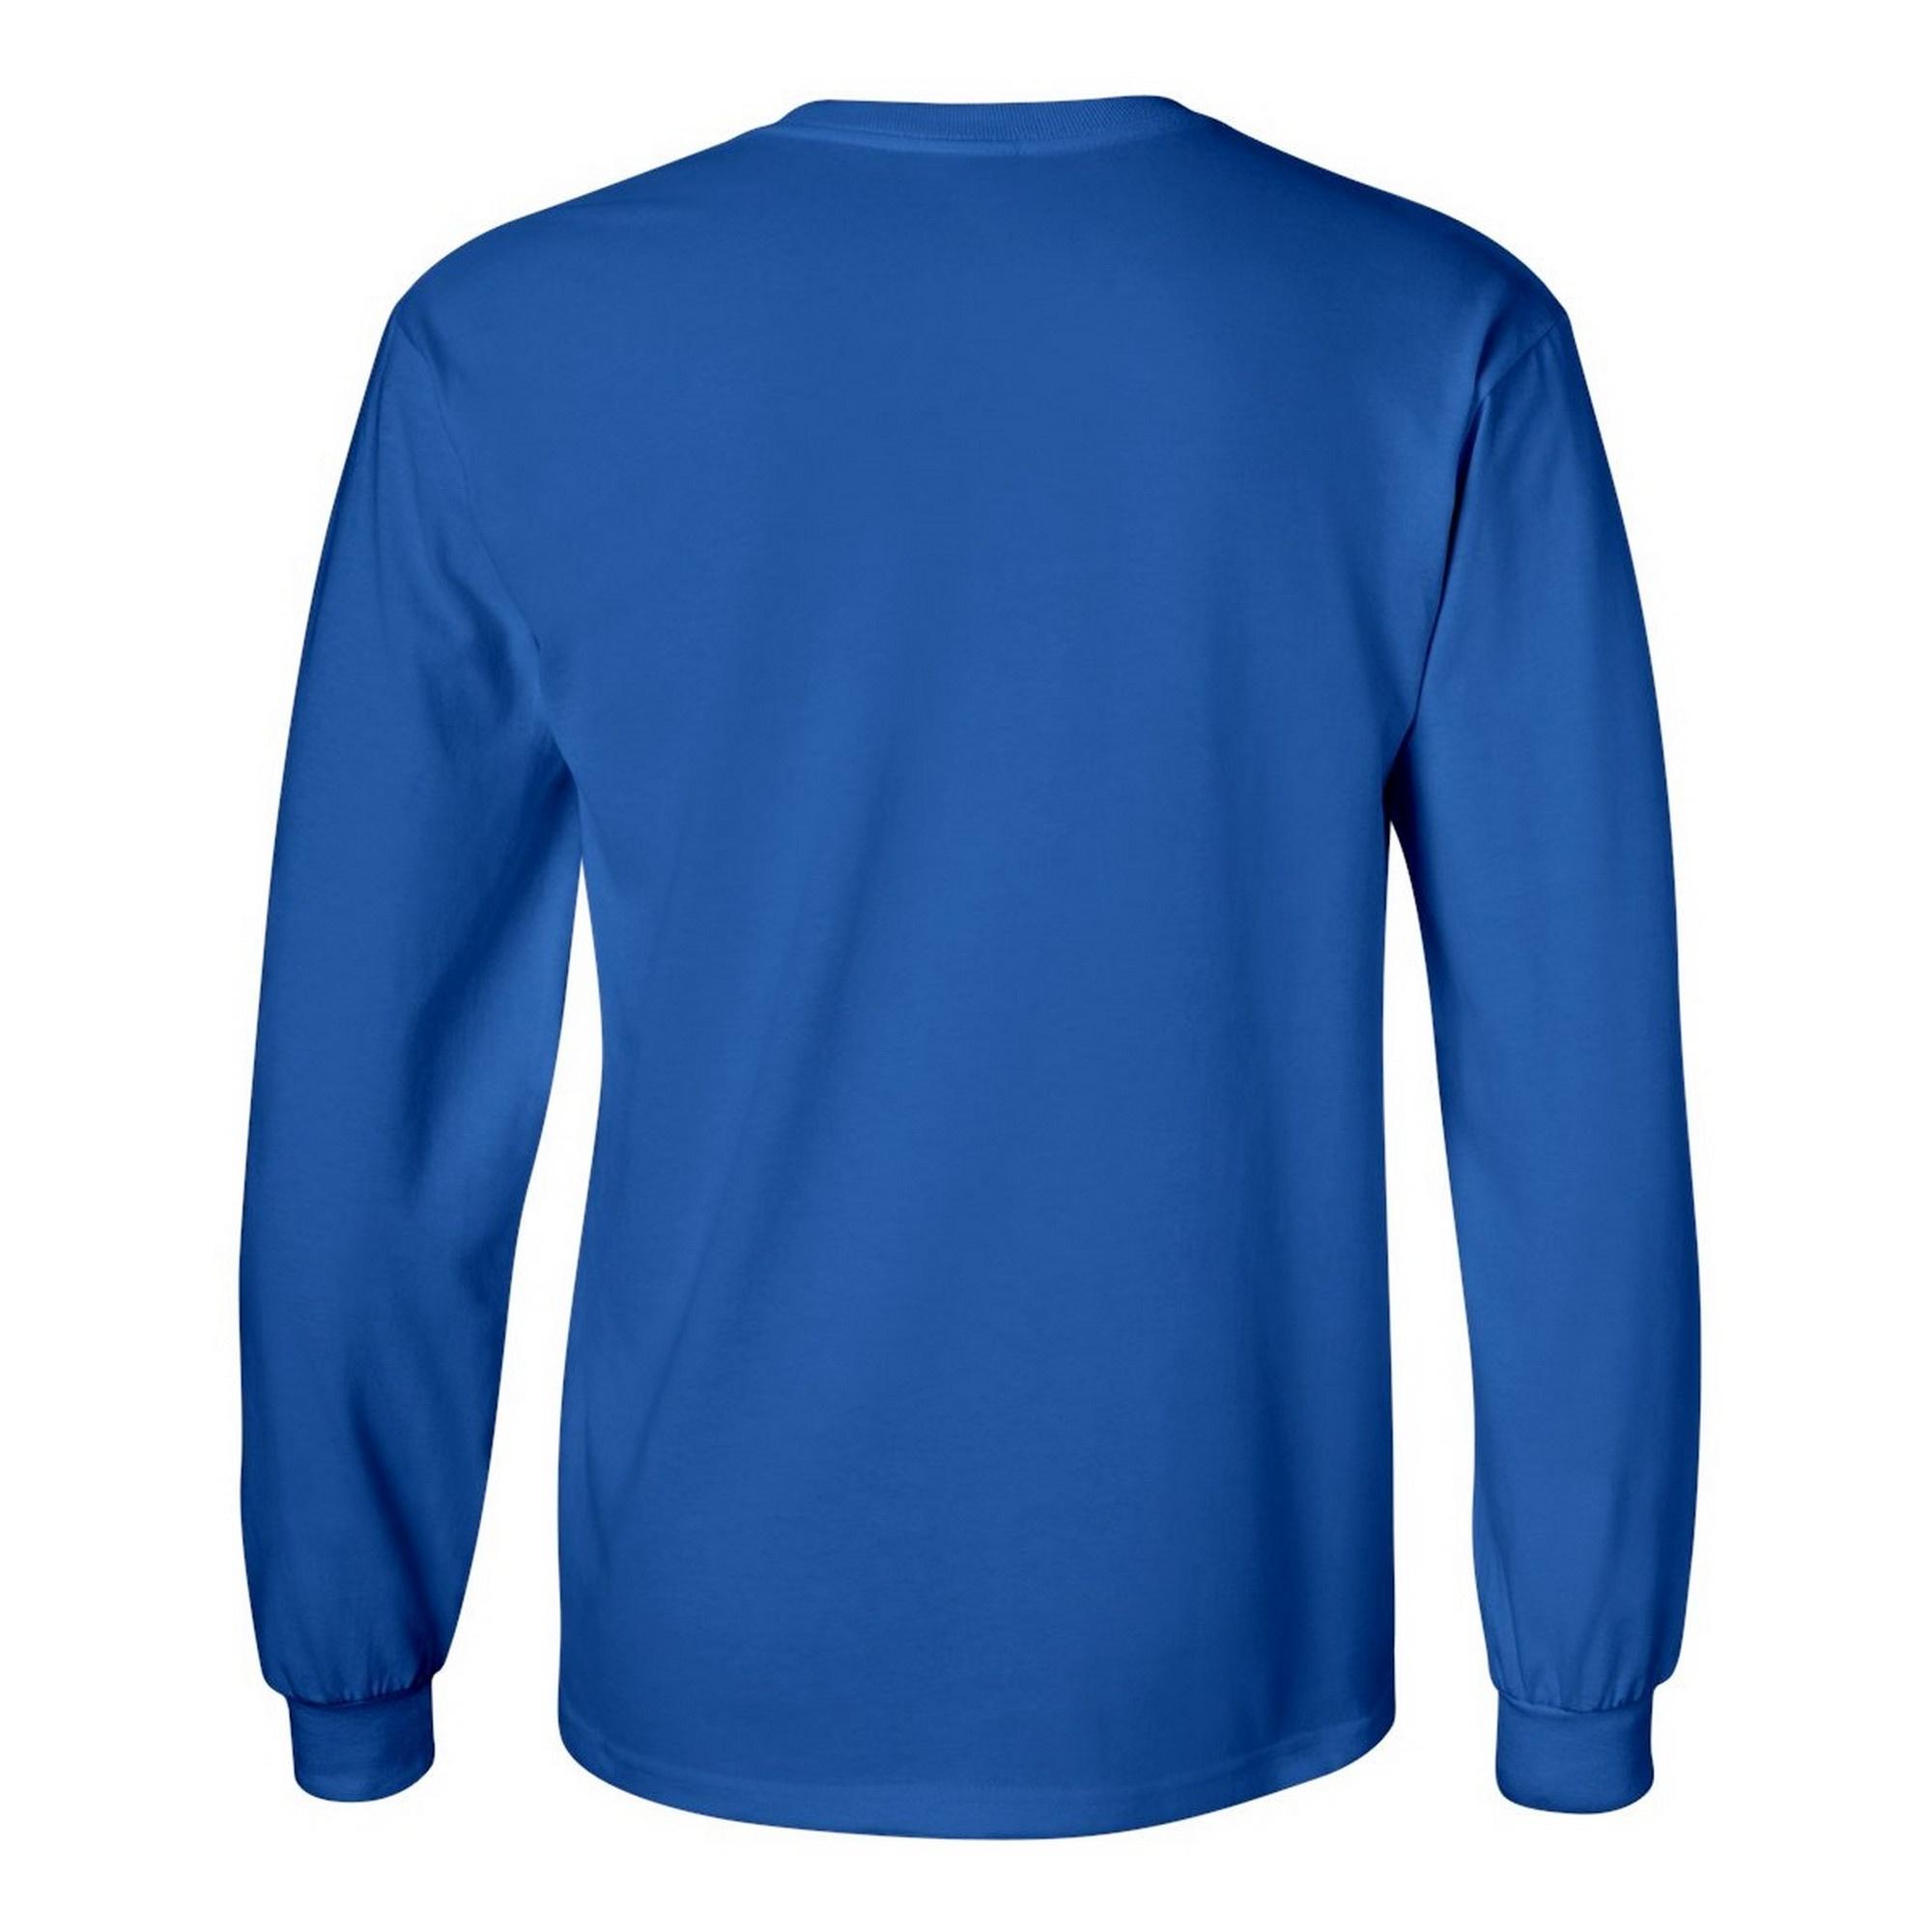 miniature 70 - T-shirt-uni-a-manches-longues-Gildan-100-coton-pour-homme-S-2XL-BC477